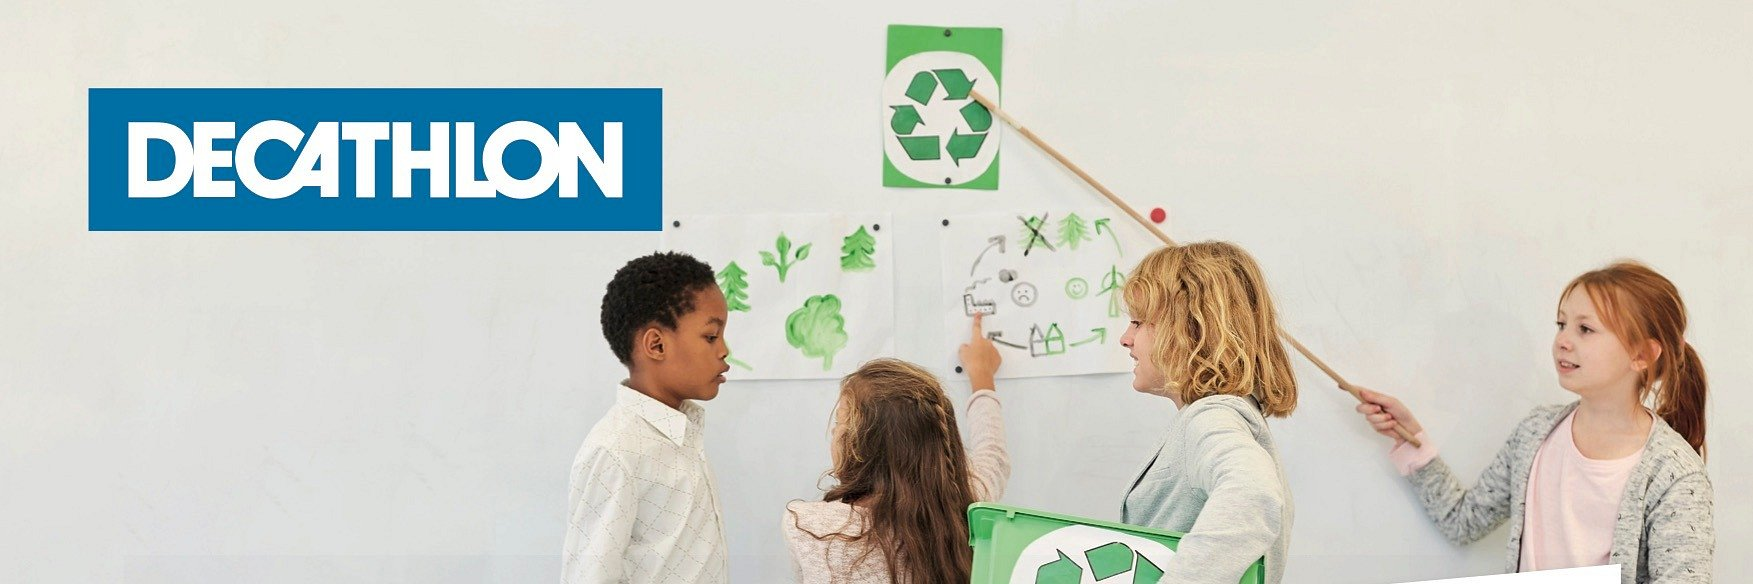 Decathlon w walce o czyste środowisko i lepszy klimat!